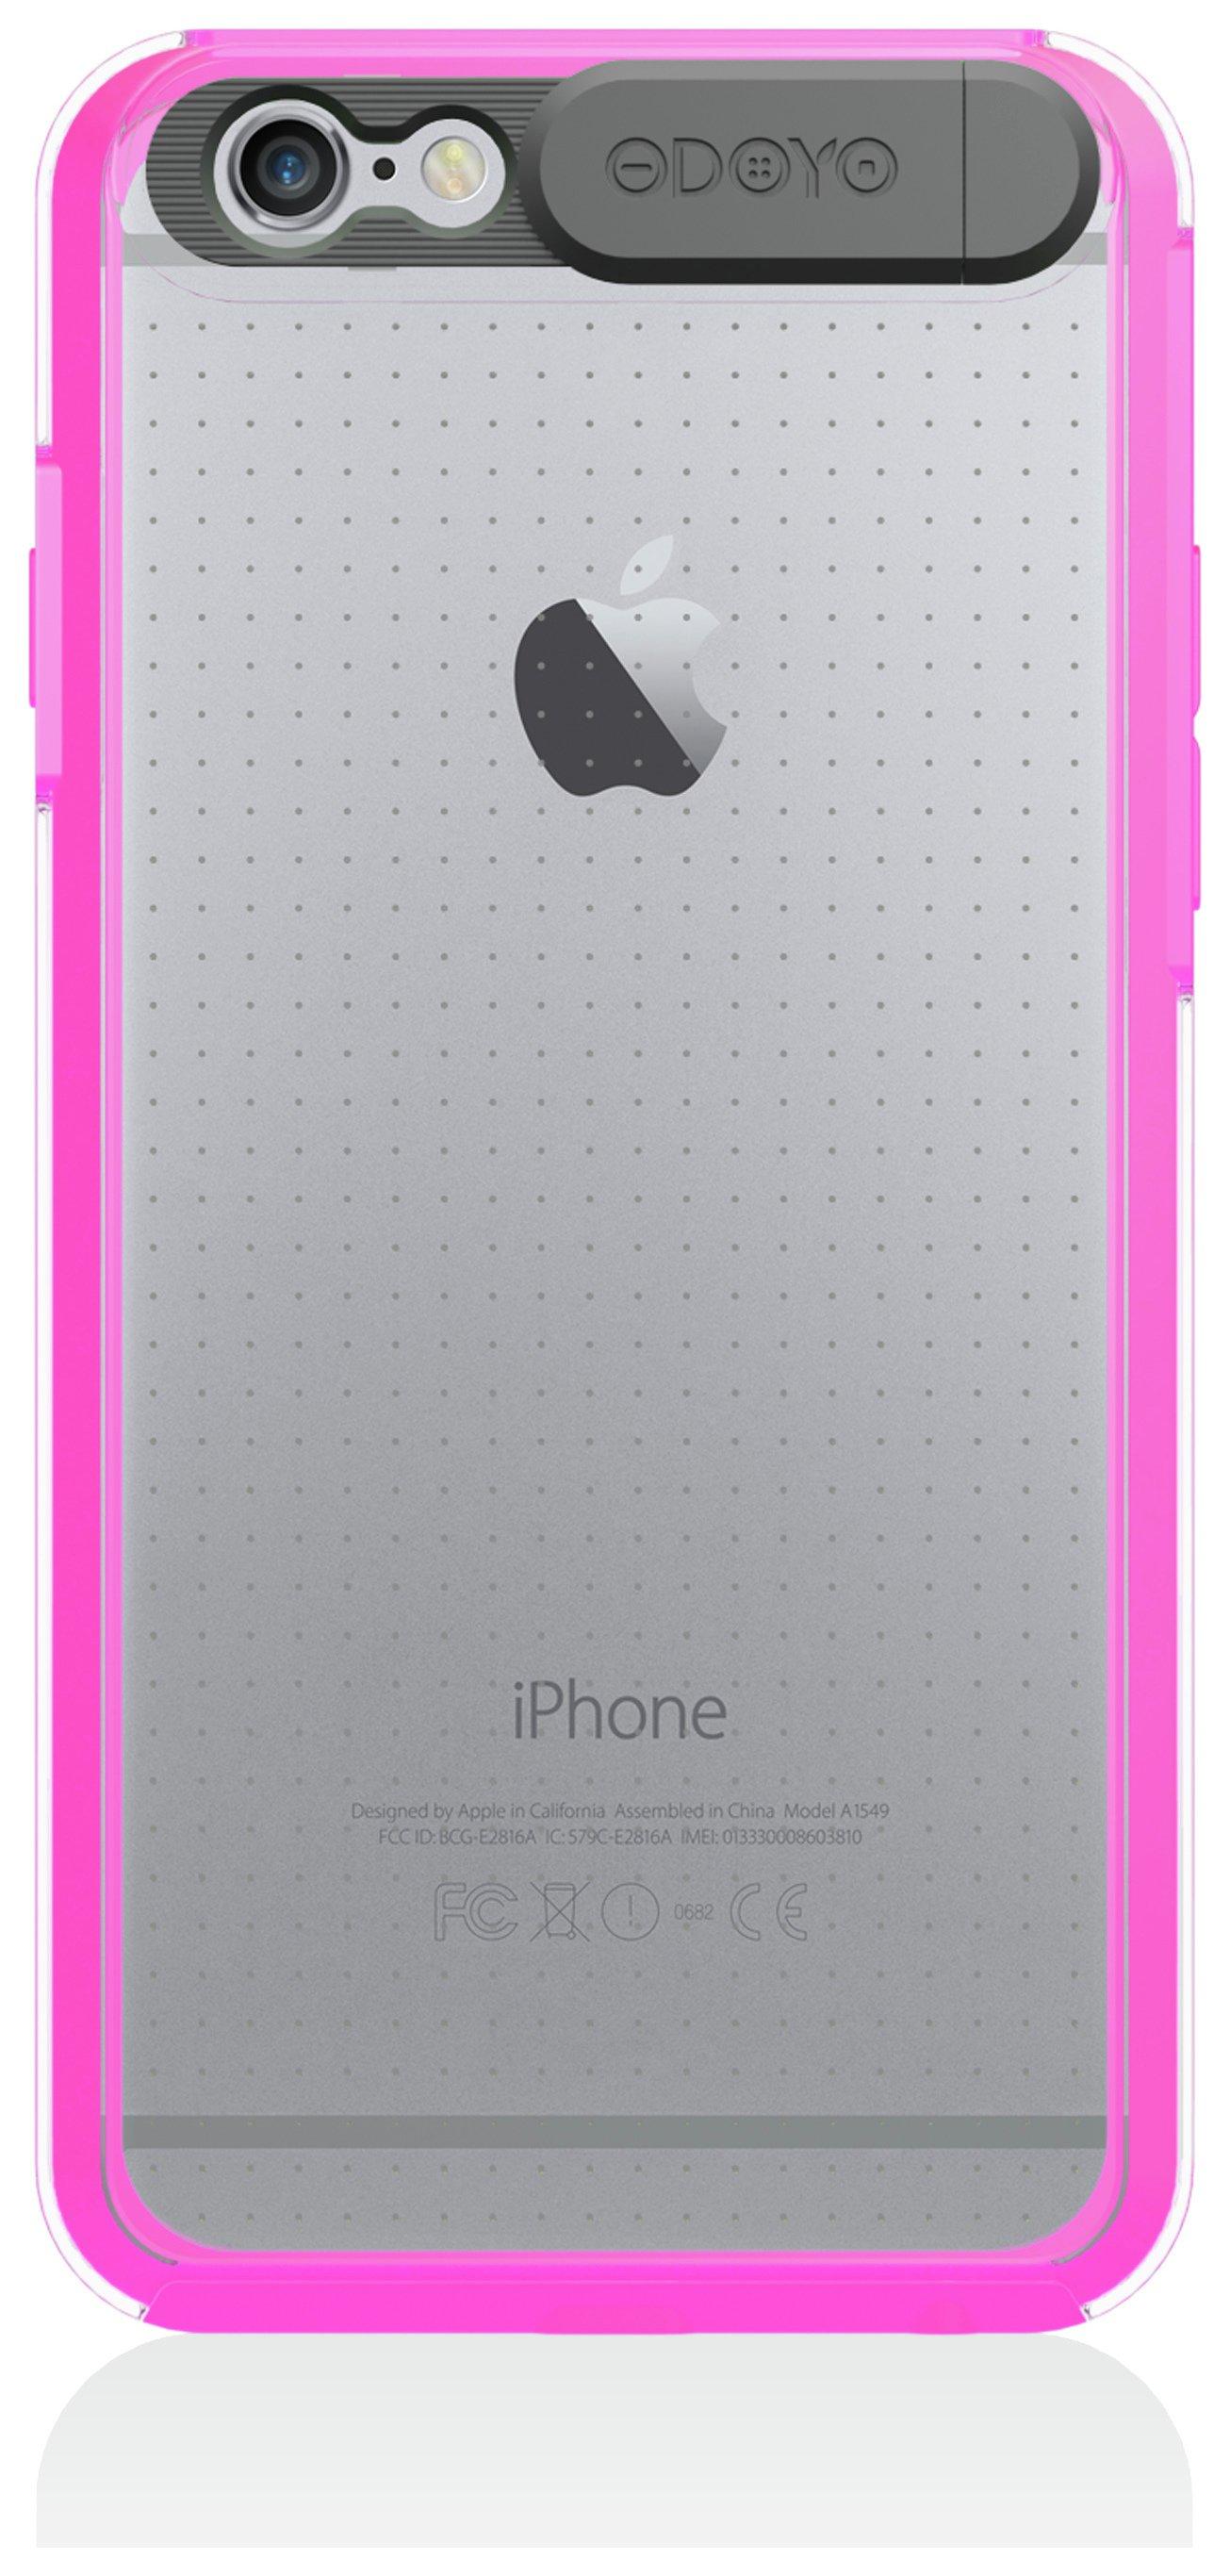 Odoyo Odoyo Flashing Case for iPhone 6 - Neon Pink